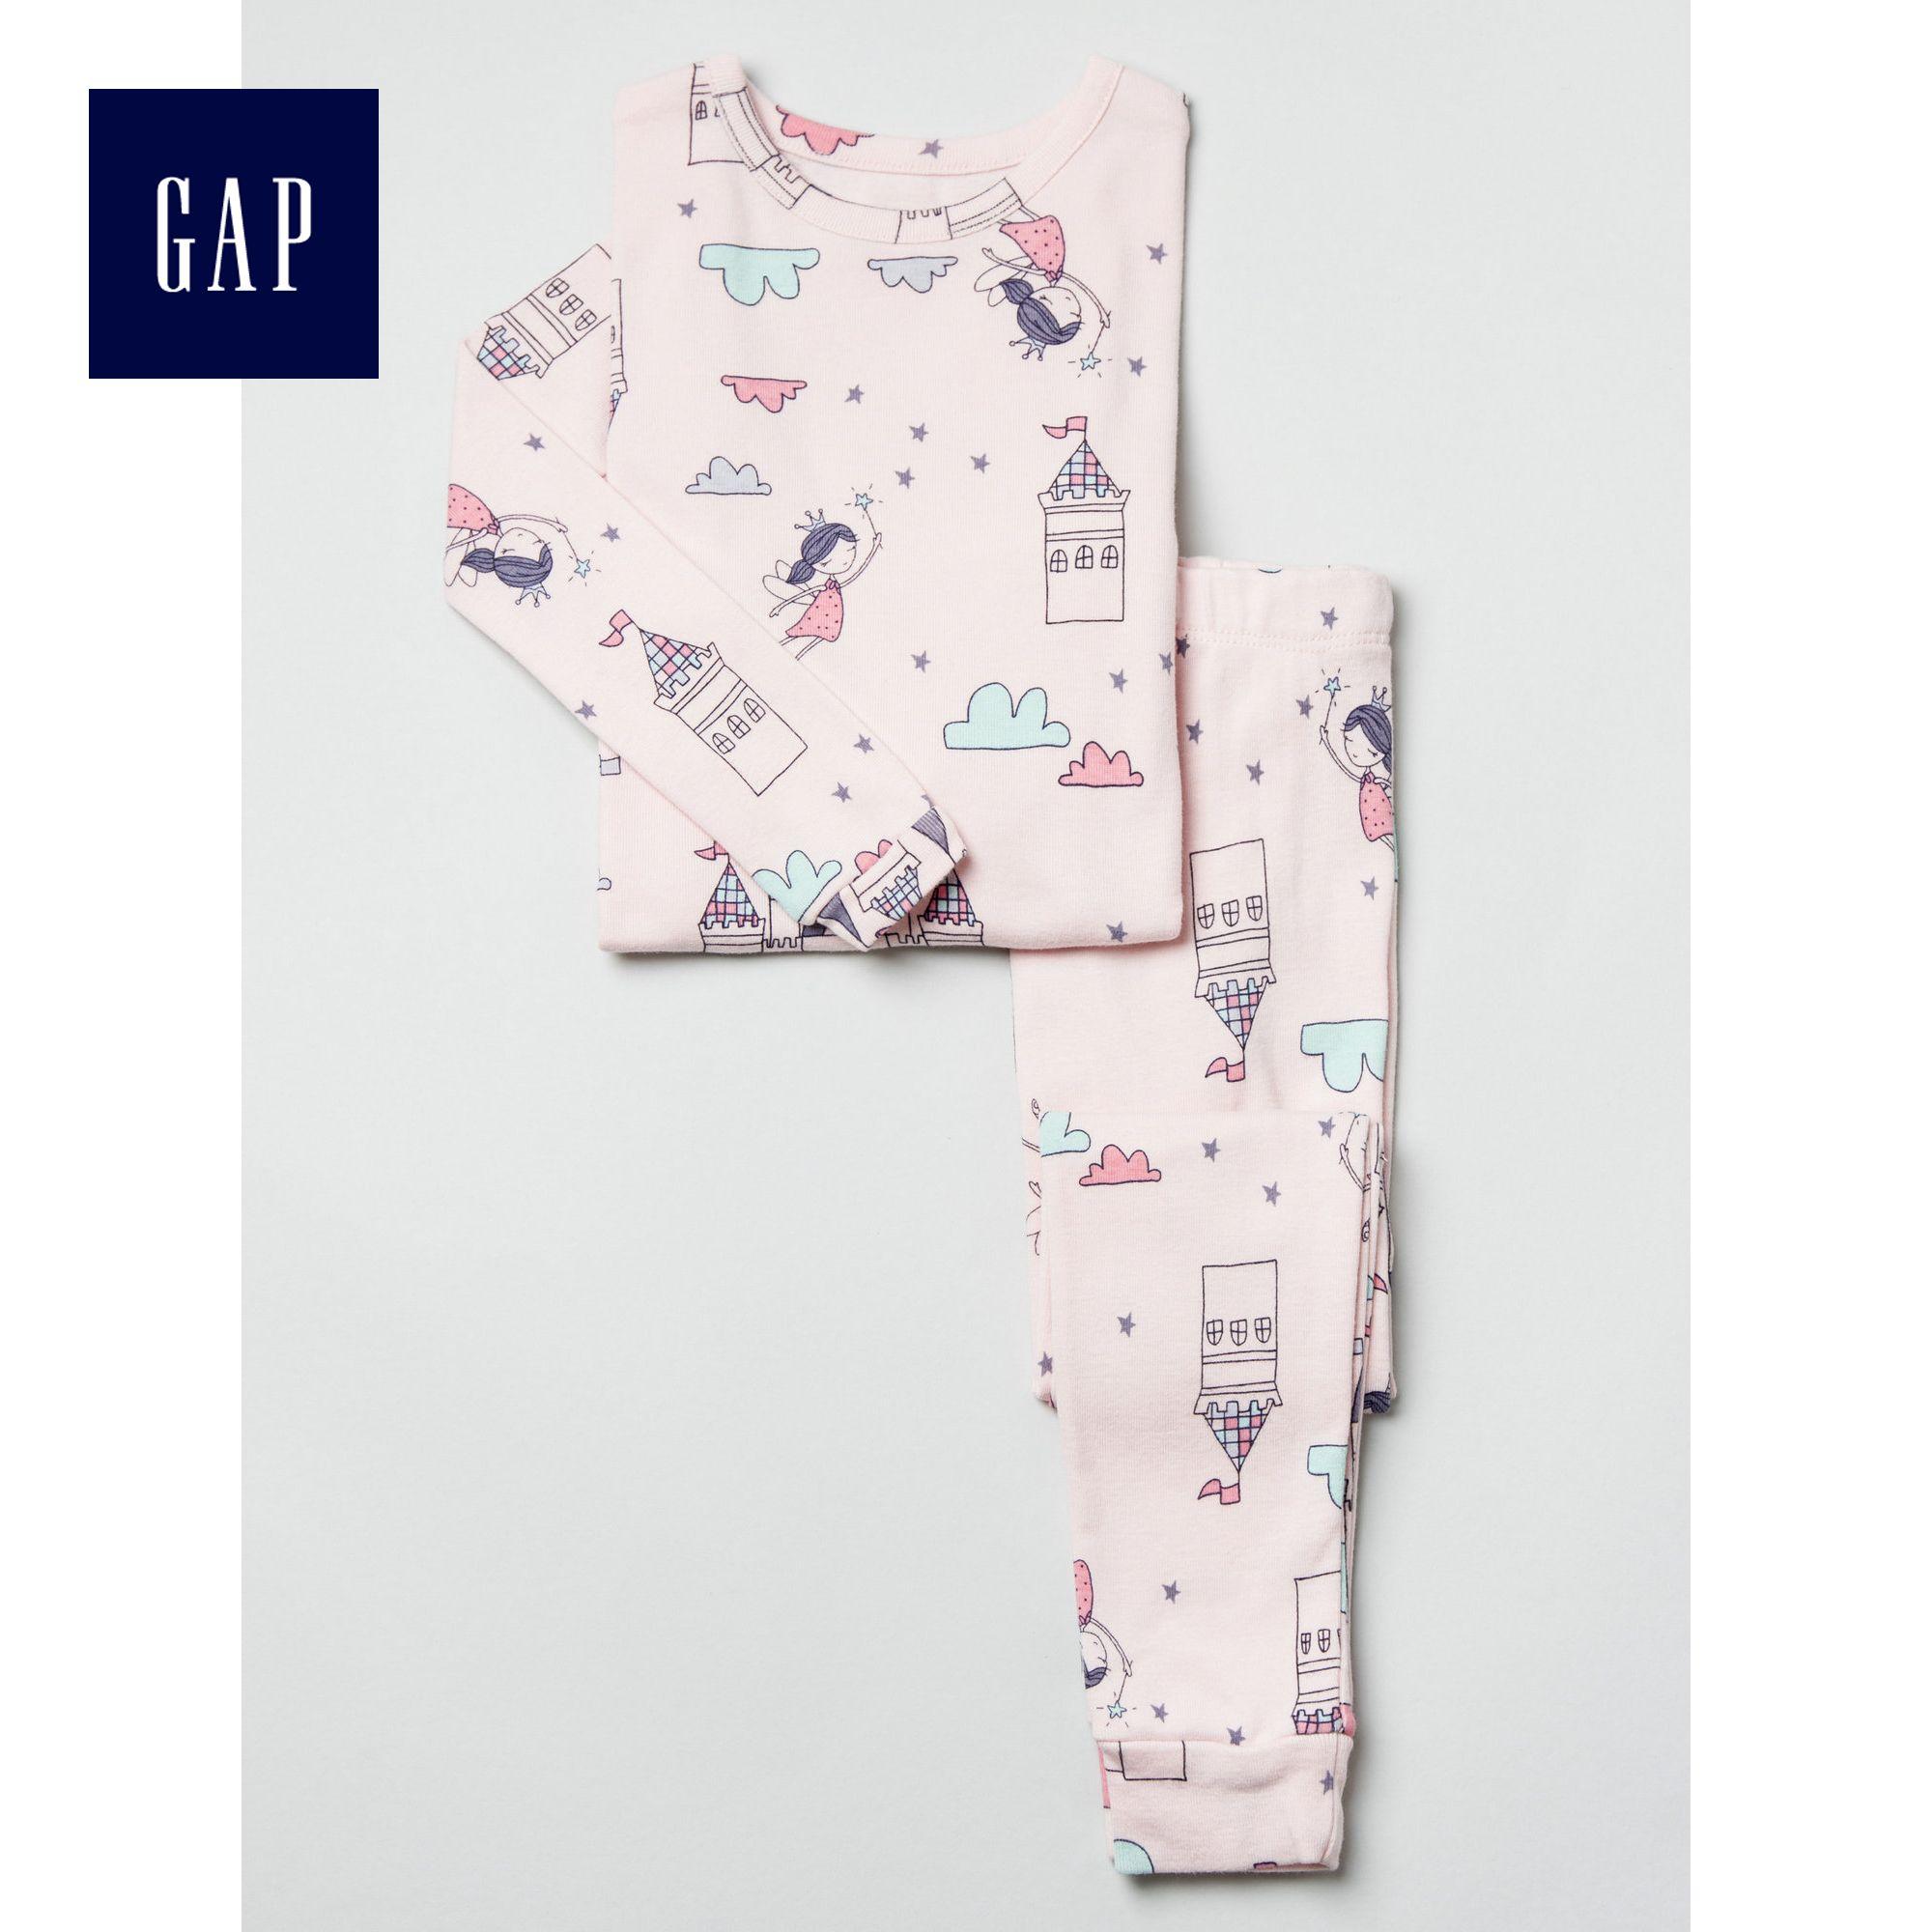 Gap女嬰幼童 活潑可愛印花長款家居套裝213438